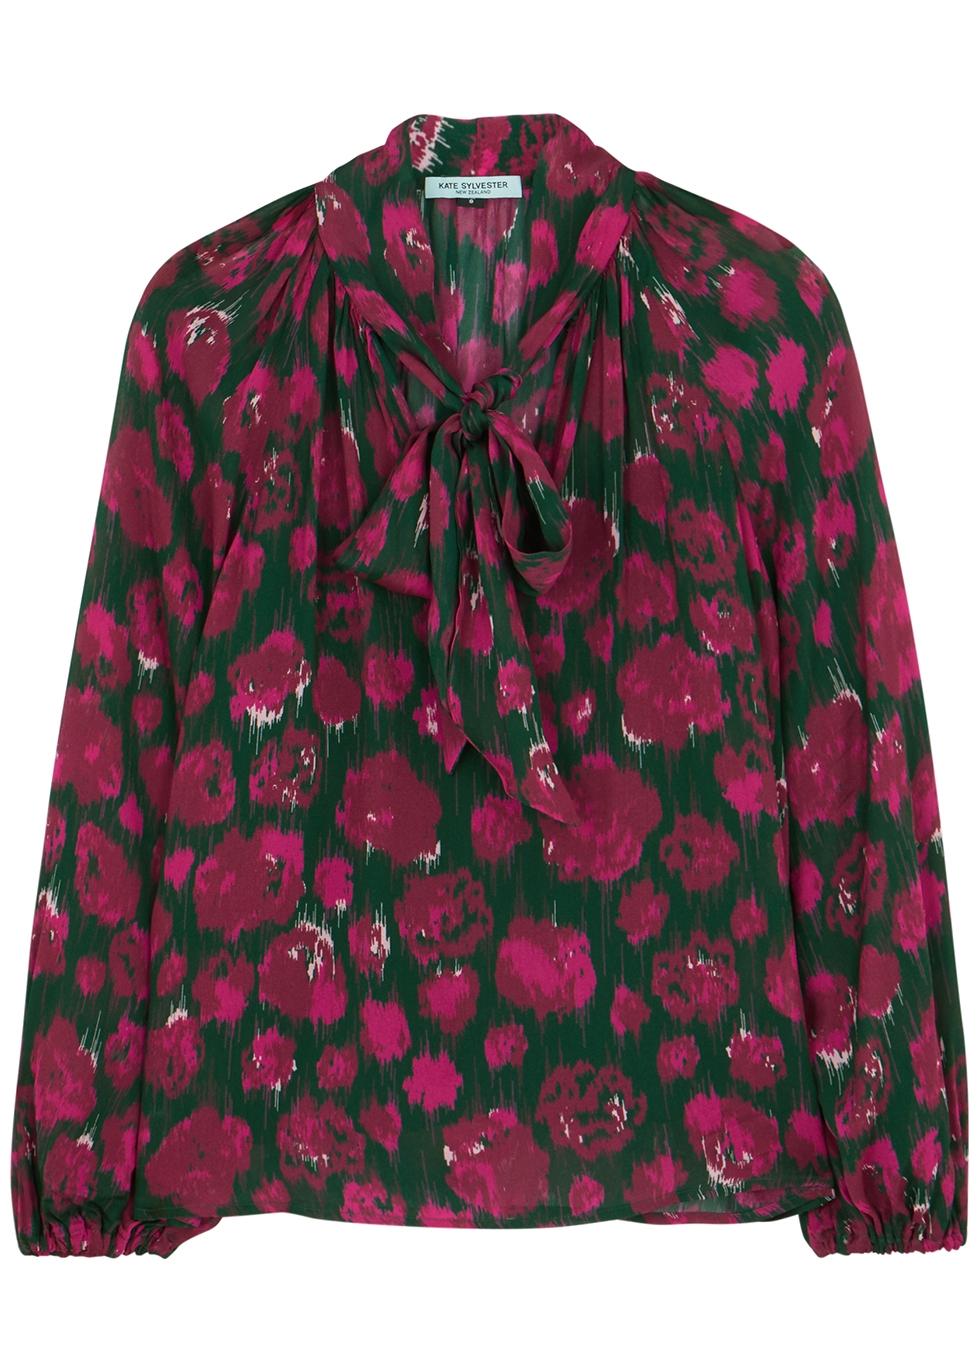 Gloria printed chiffon blouse